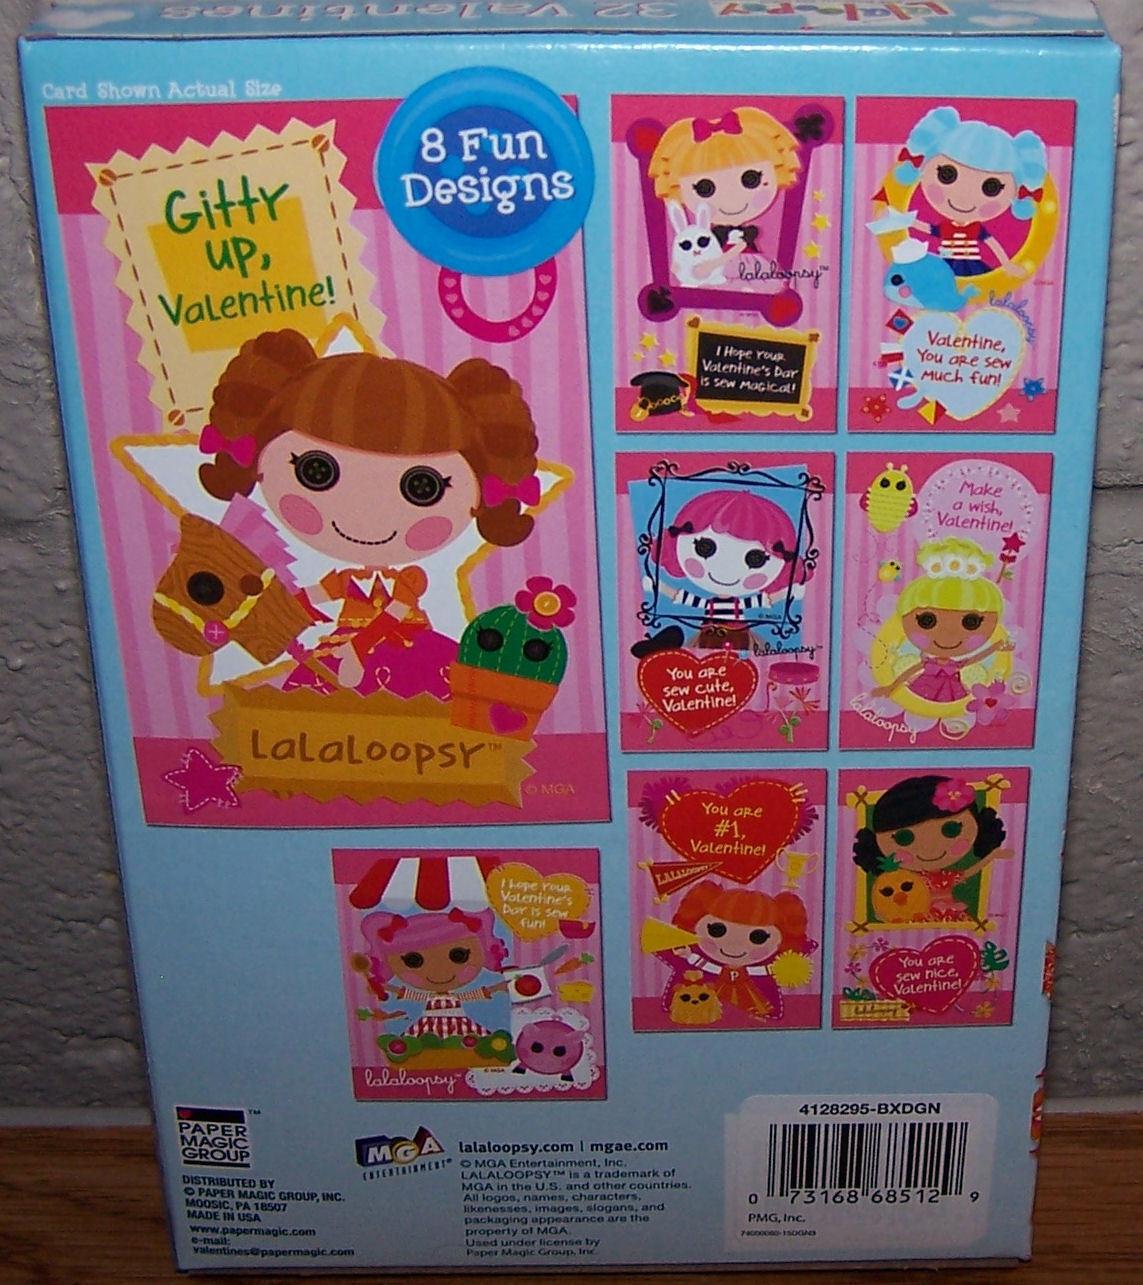 Minions 32 Valentines Day Cards 8 Unique Designs A Movie Ebay